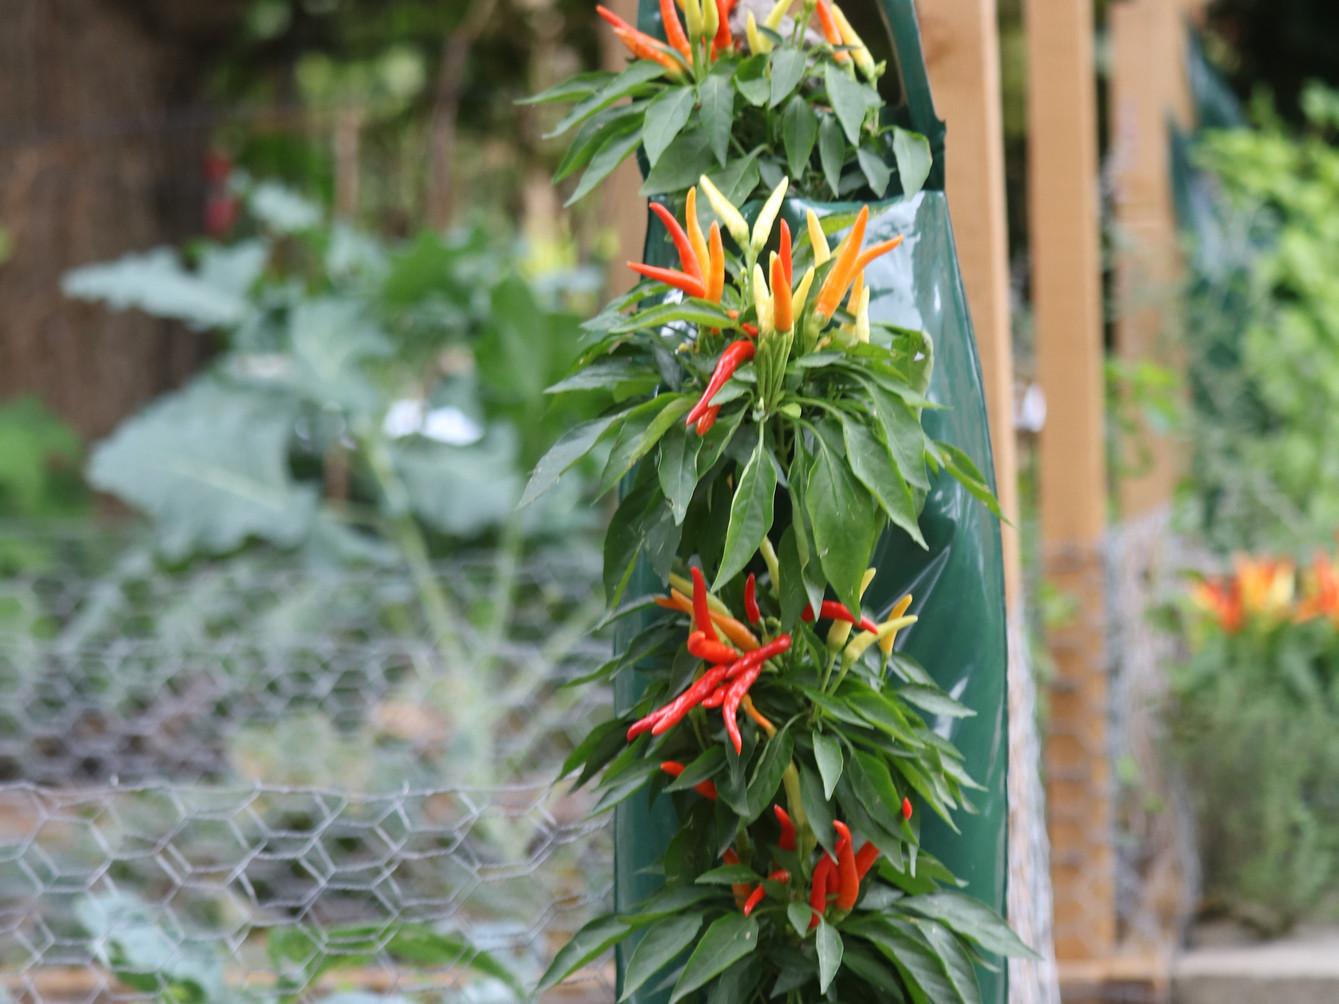 Festive decorative chilies